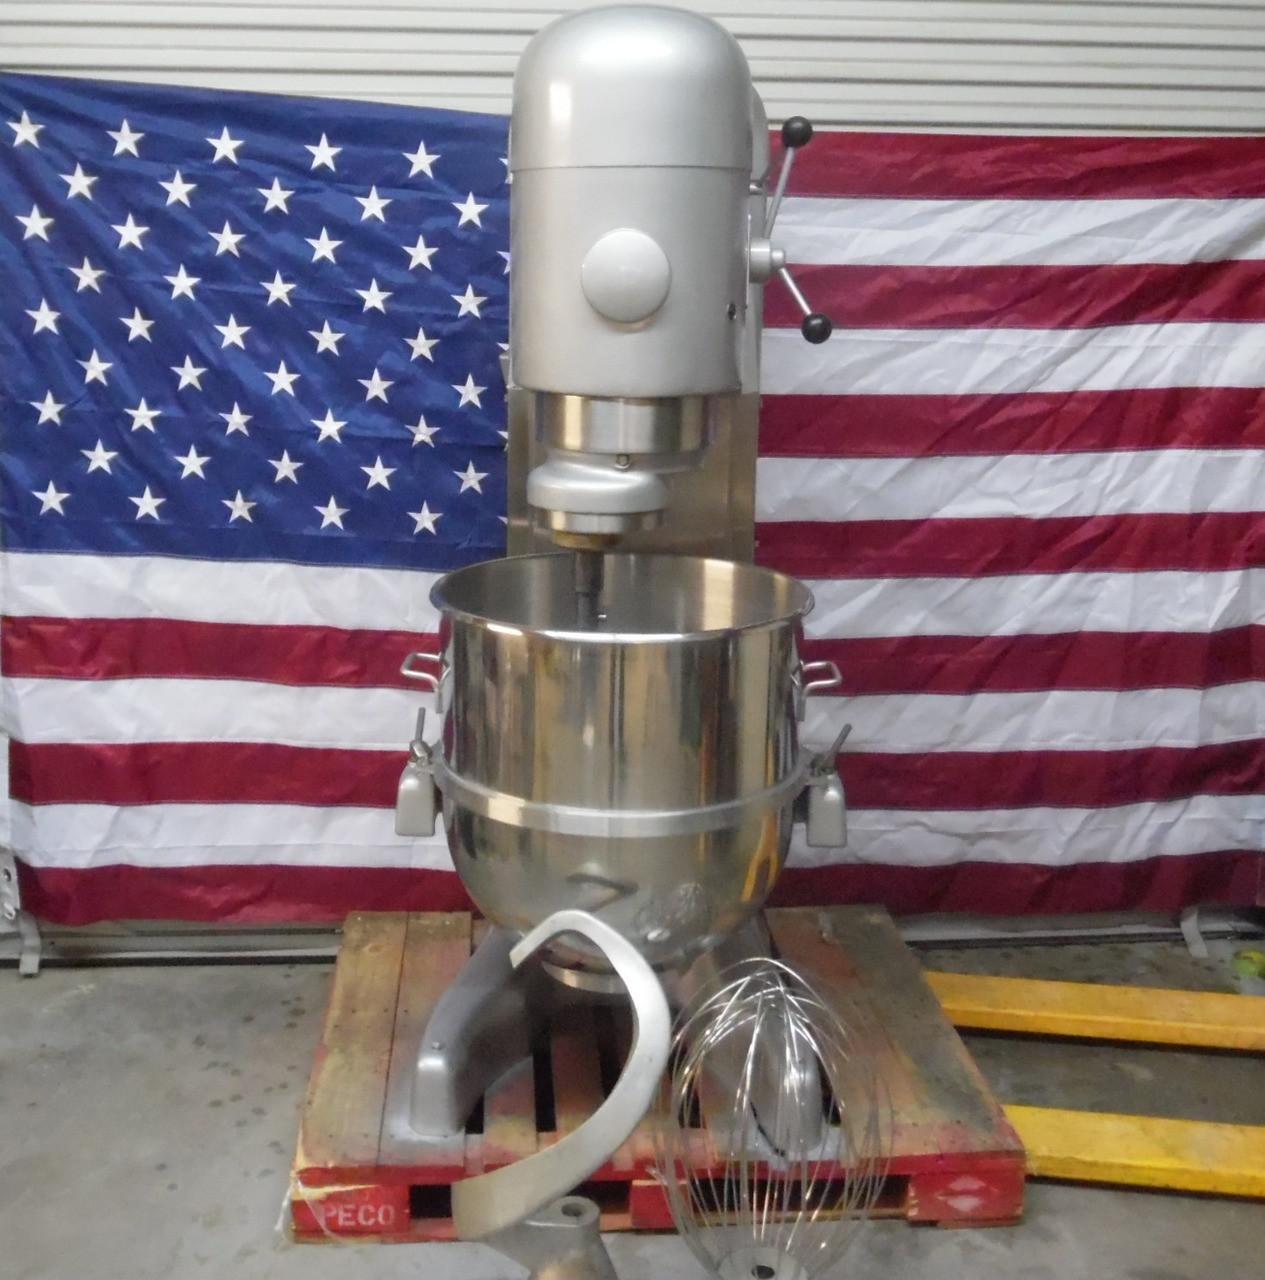 Hobart 140QT V1401 Refurbished Dough Mixer 5HP 208V 3P